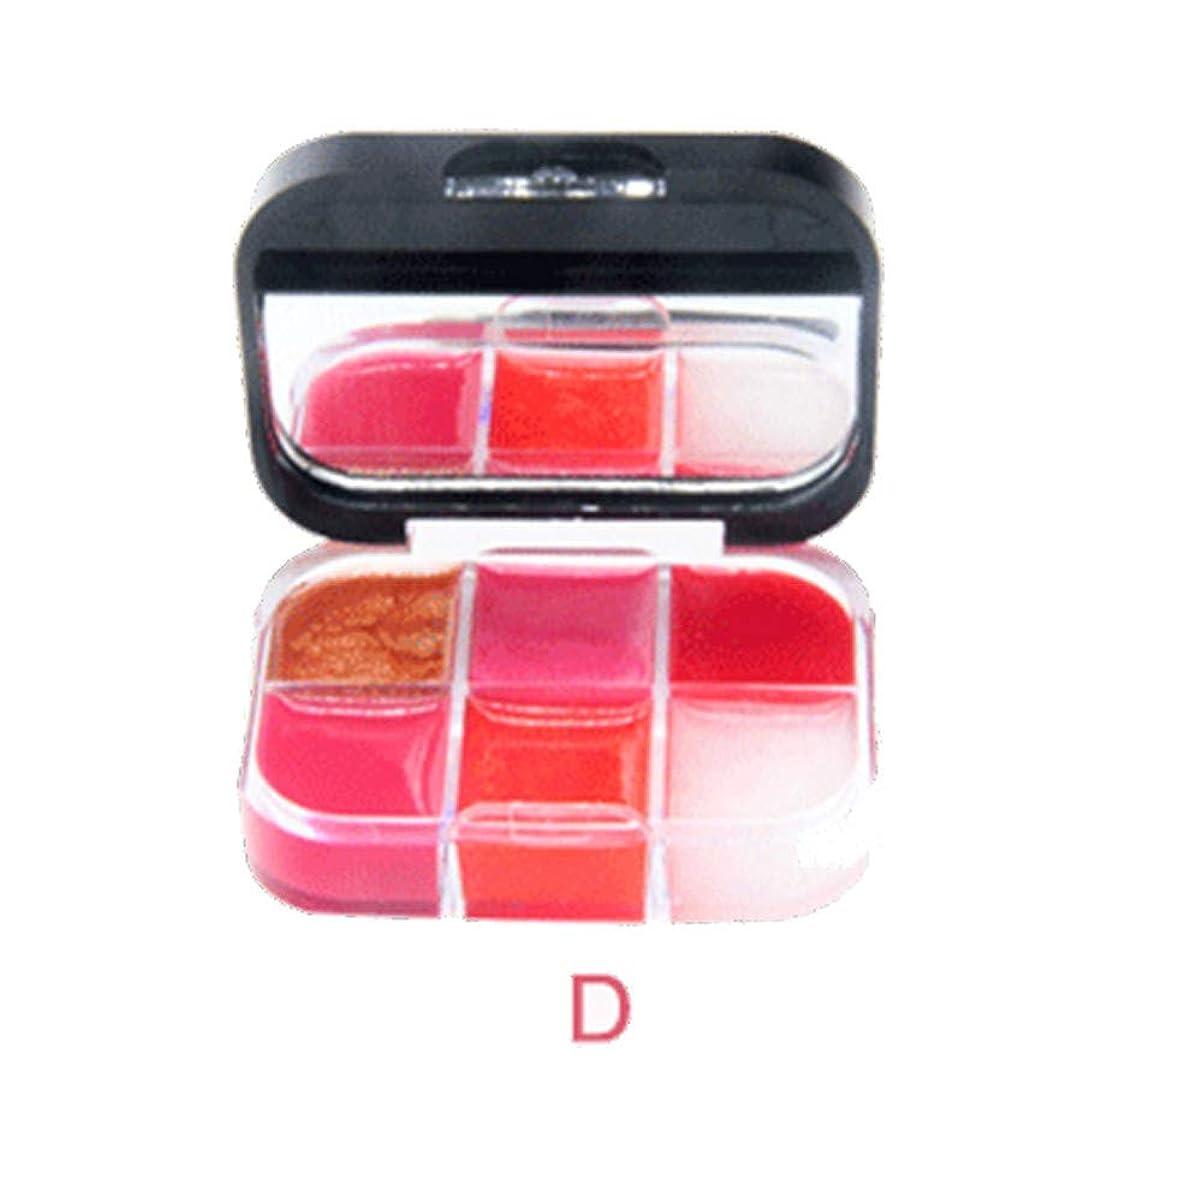 カロリーバリービリー美は口紅の保湿剤の唇の光沢の化粧品セットを構成します